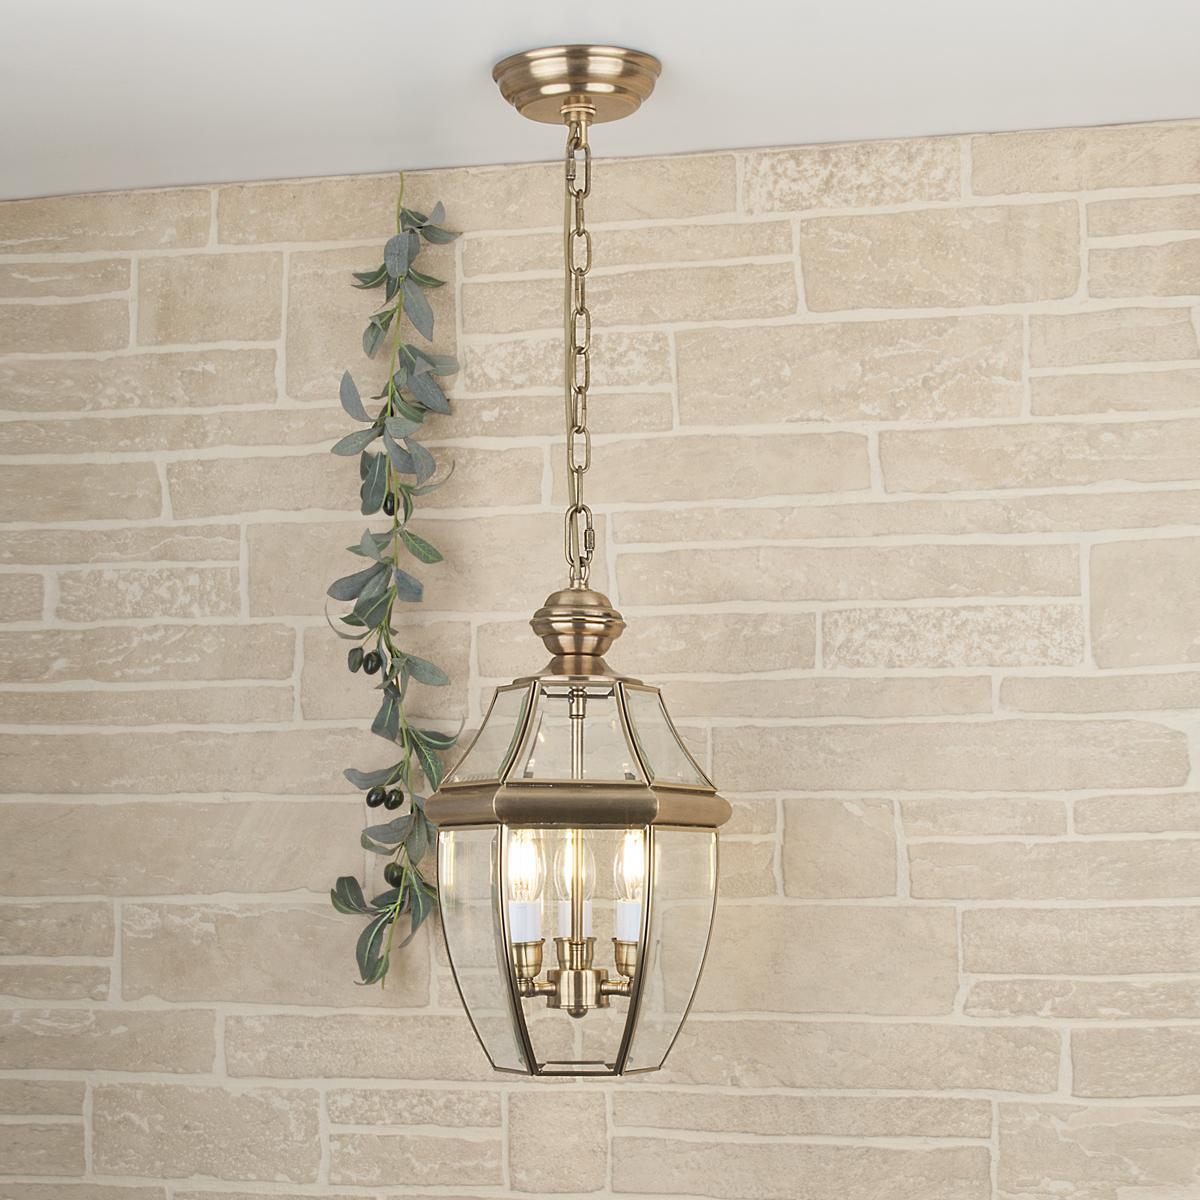 Купить со скидкой Уличный подвесной светильник Elektrostandard Chatel из металла и стекла